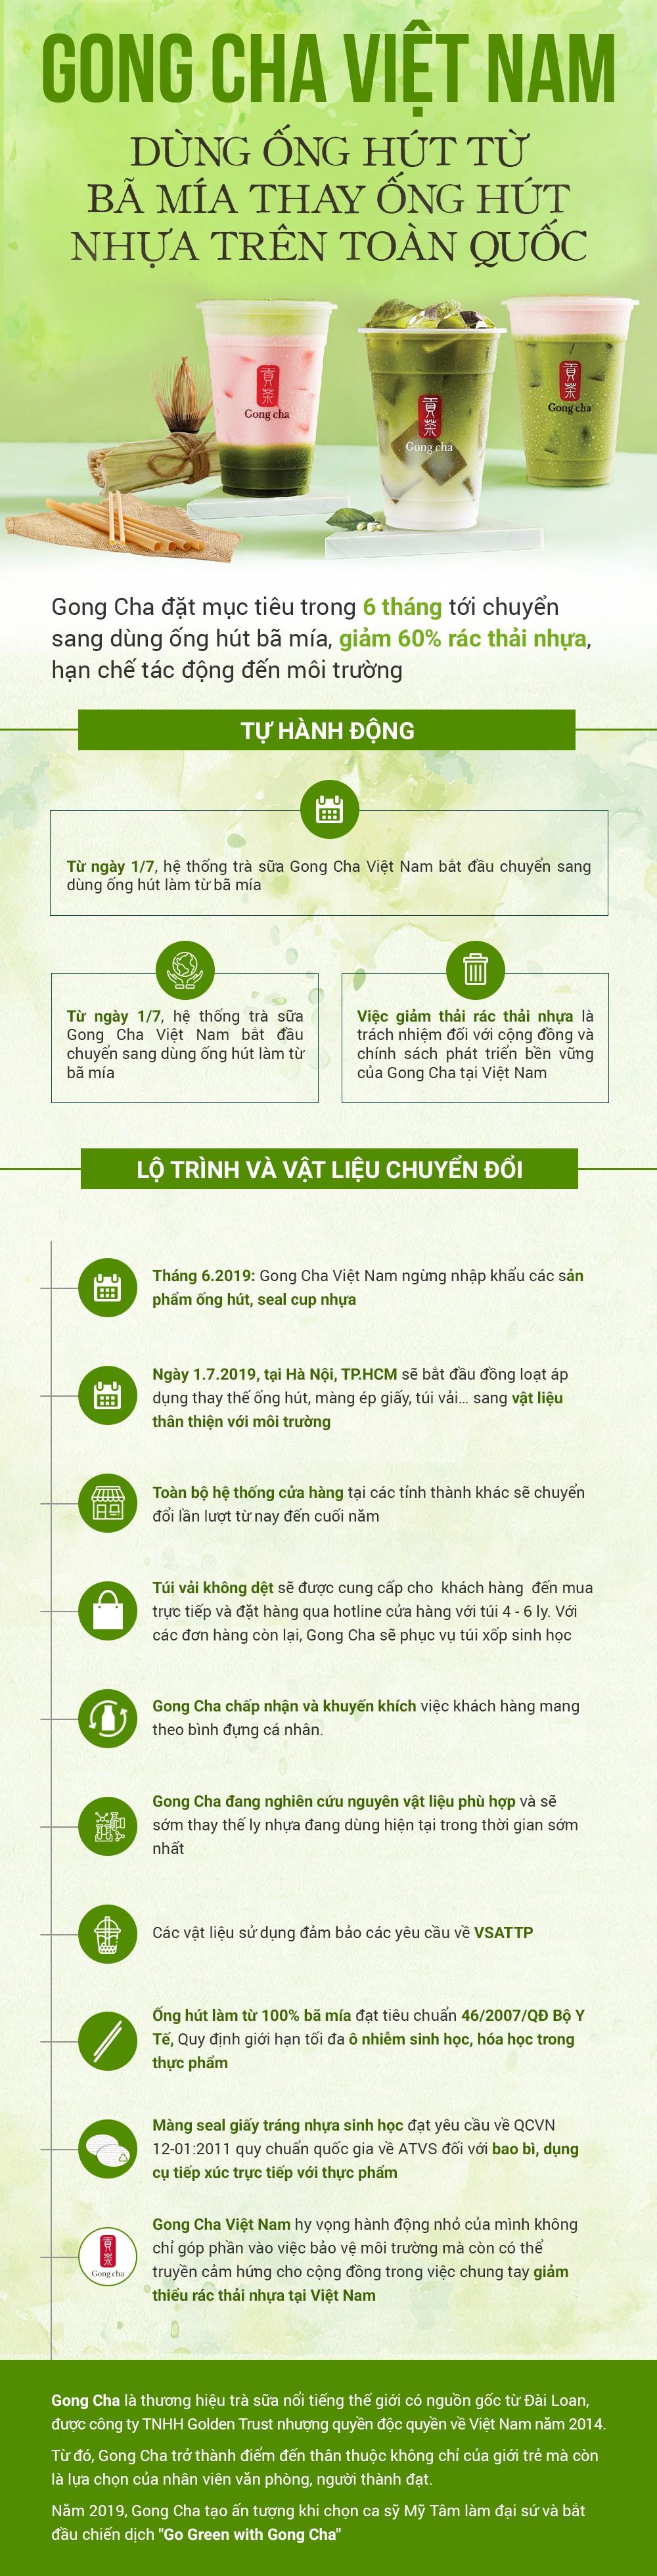 Gong Cha Việt Nam dùng ống hút từ bã mía thay ống hút nhựa trên toàn quốc - Ảnh 1.